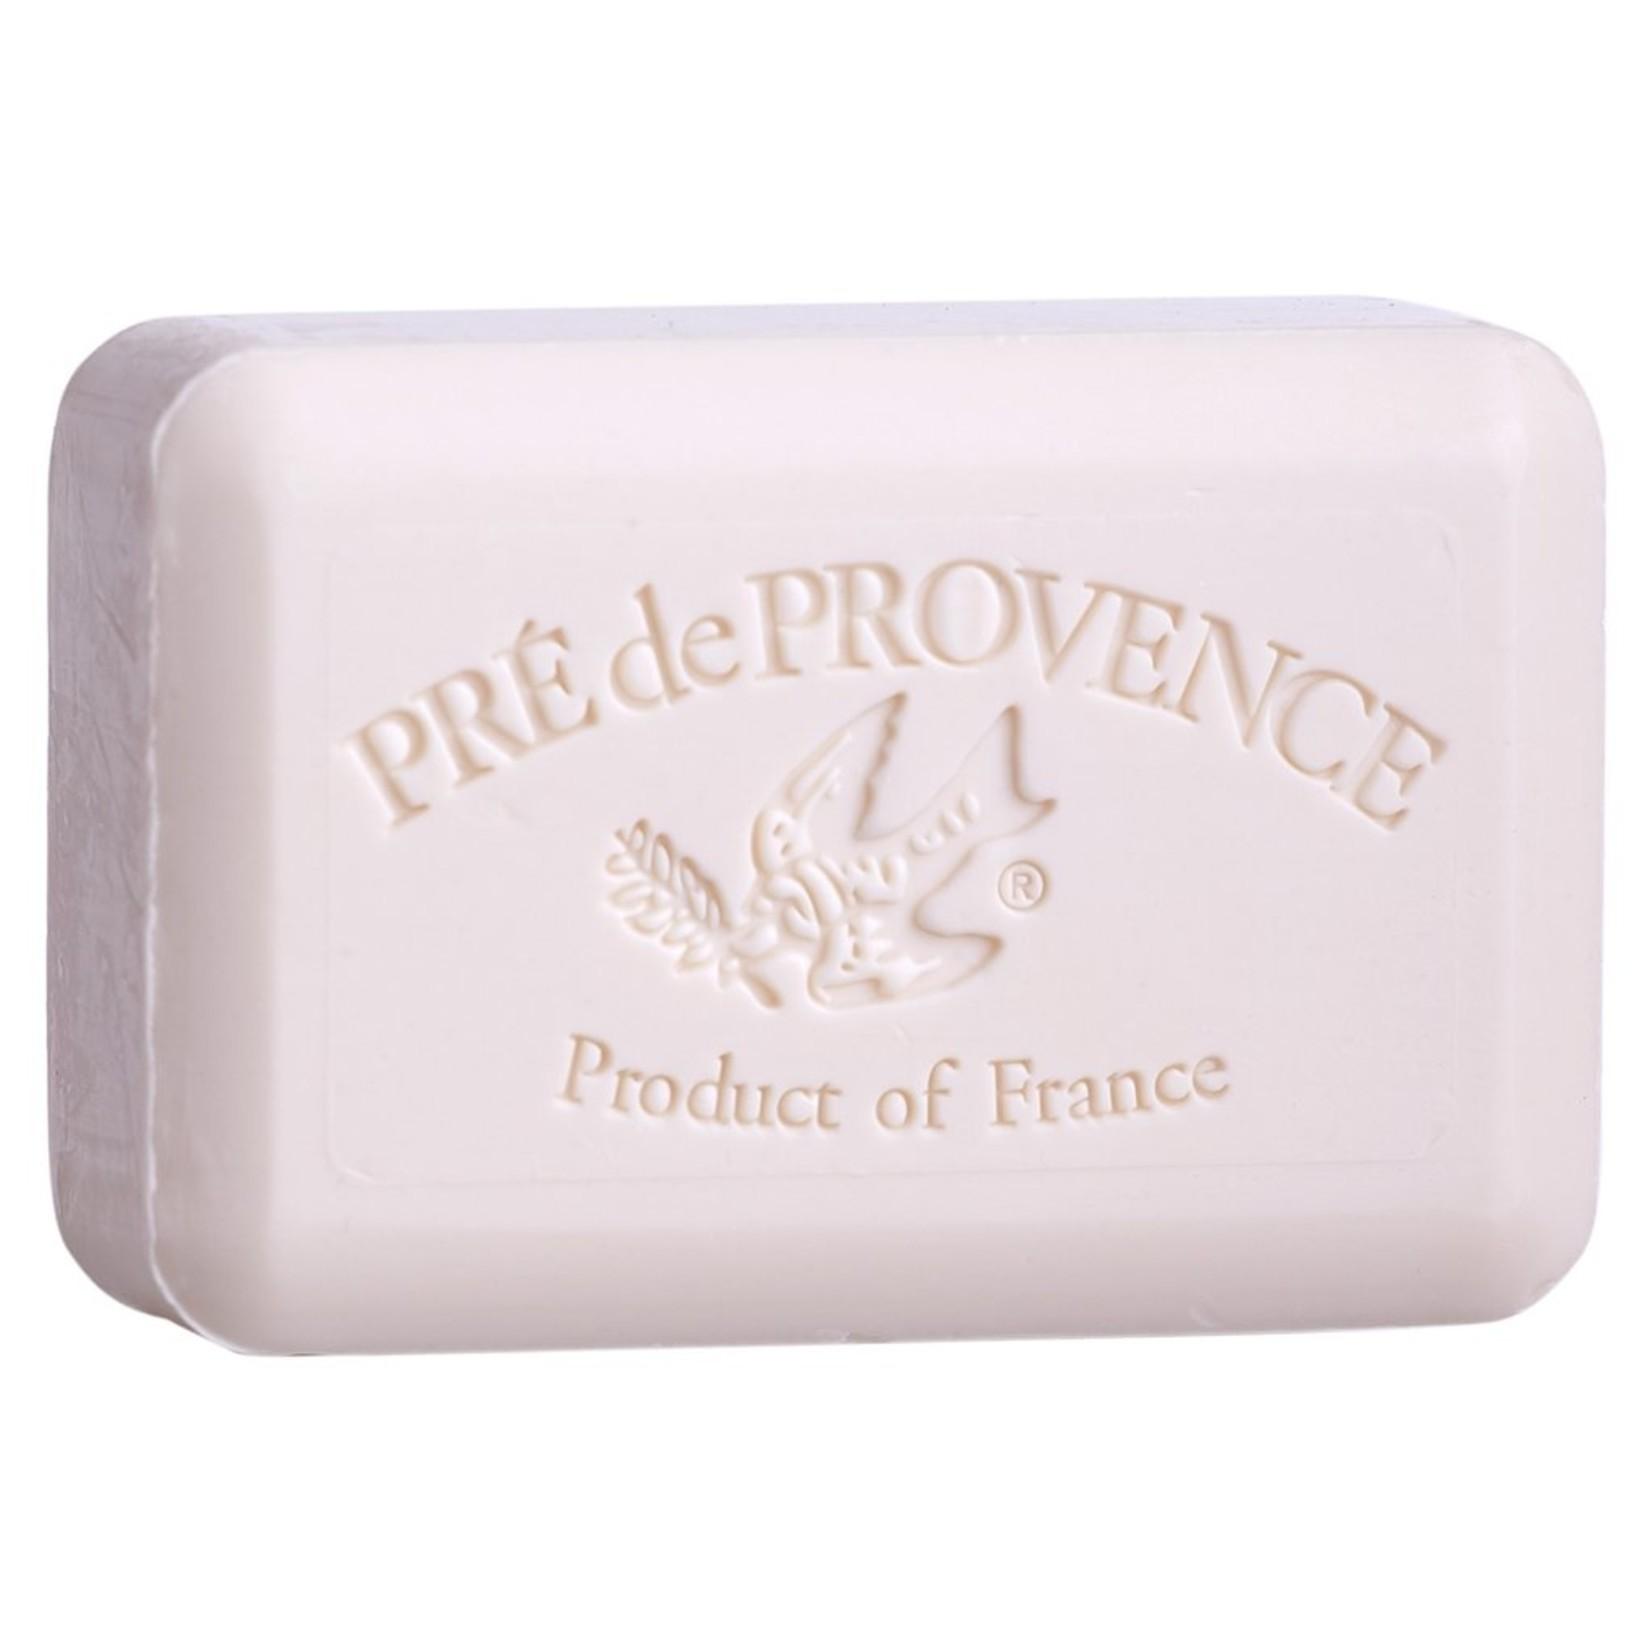 Pre de Provence Spiced Balsam Soap Bar